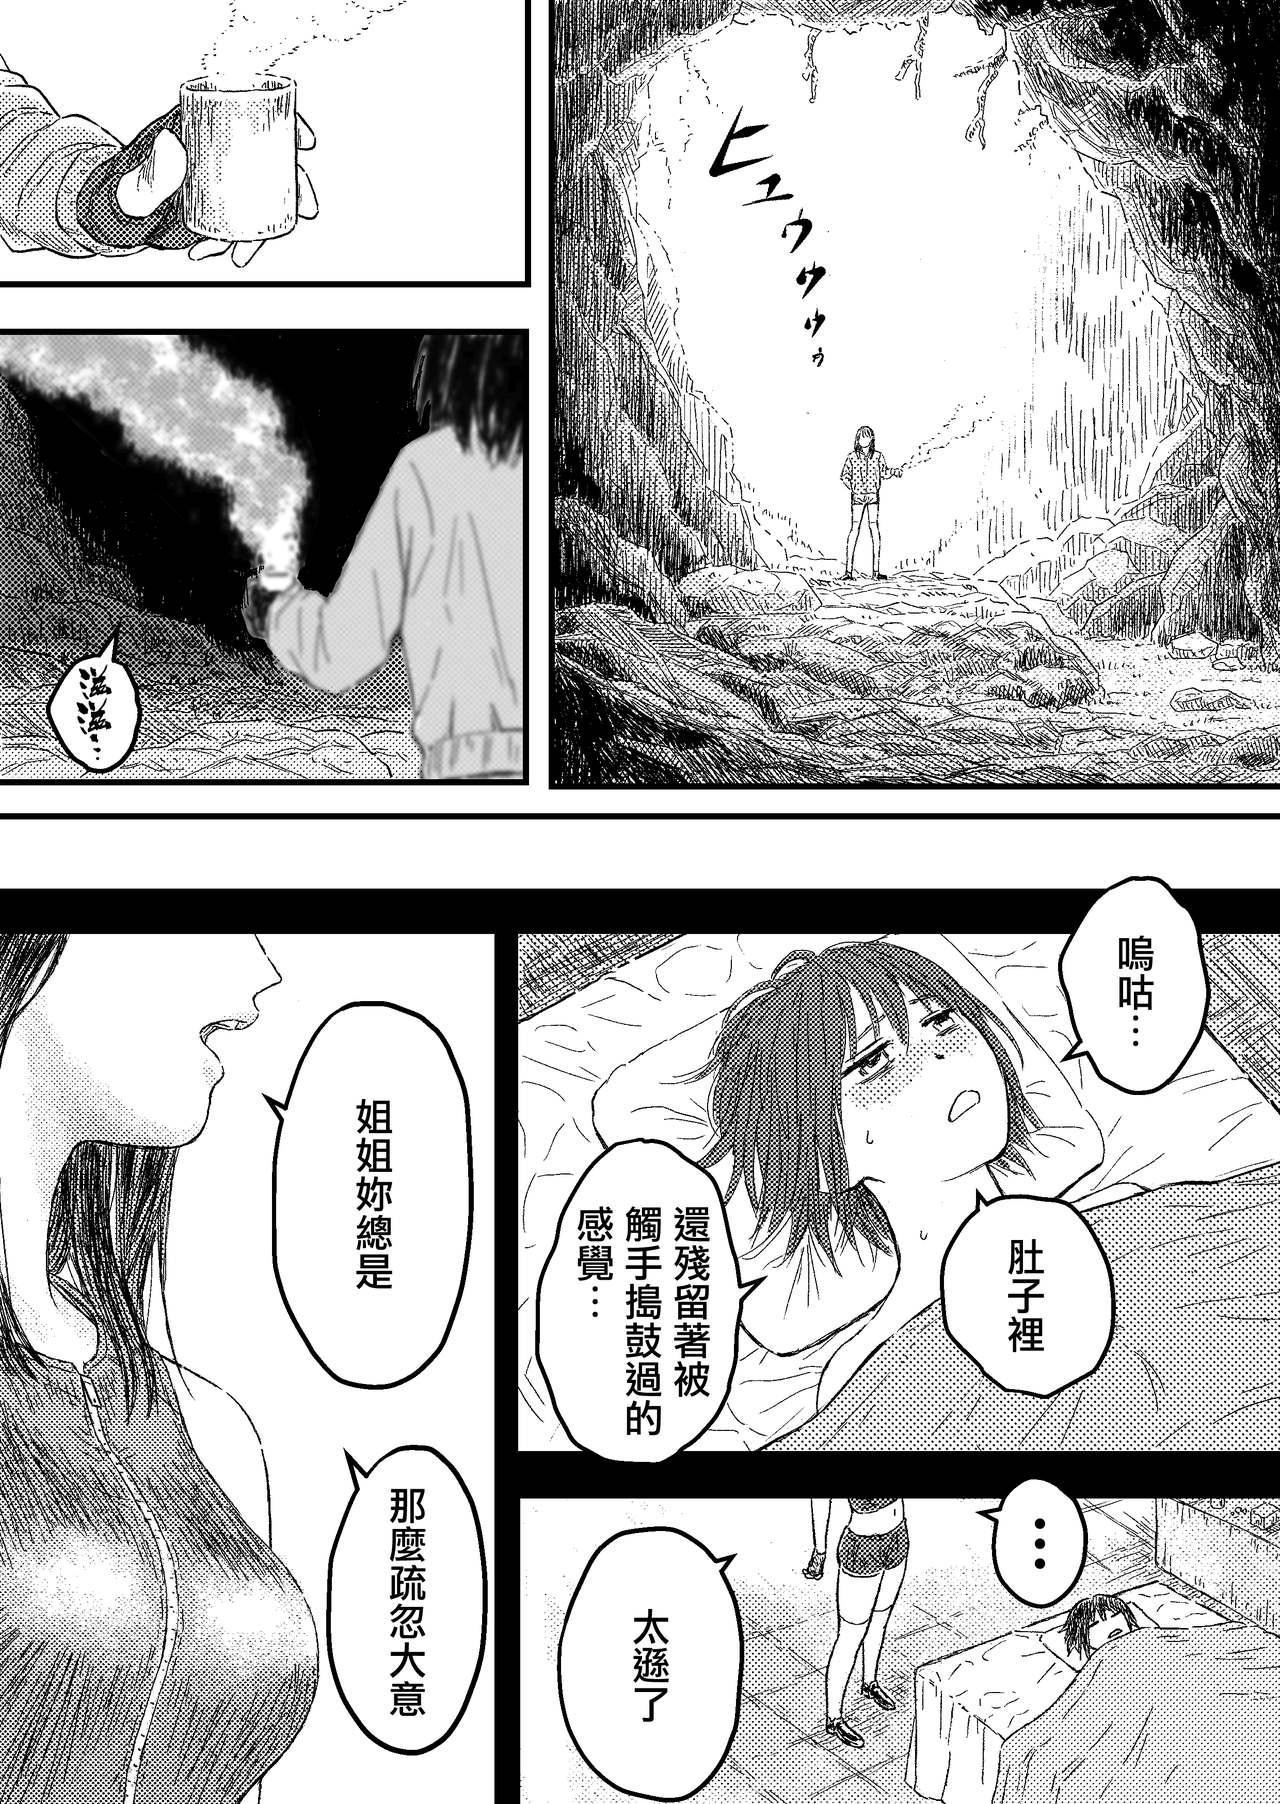 TENTACLE DAY 2BAD 【Saikyou Shokushu ni Yoru Saiaku no Seme ni Modae Kuruu Shoujo no Akumu】 2